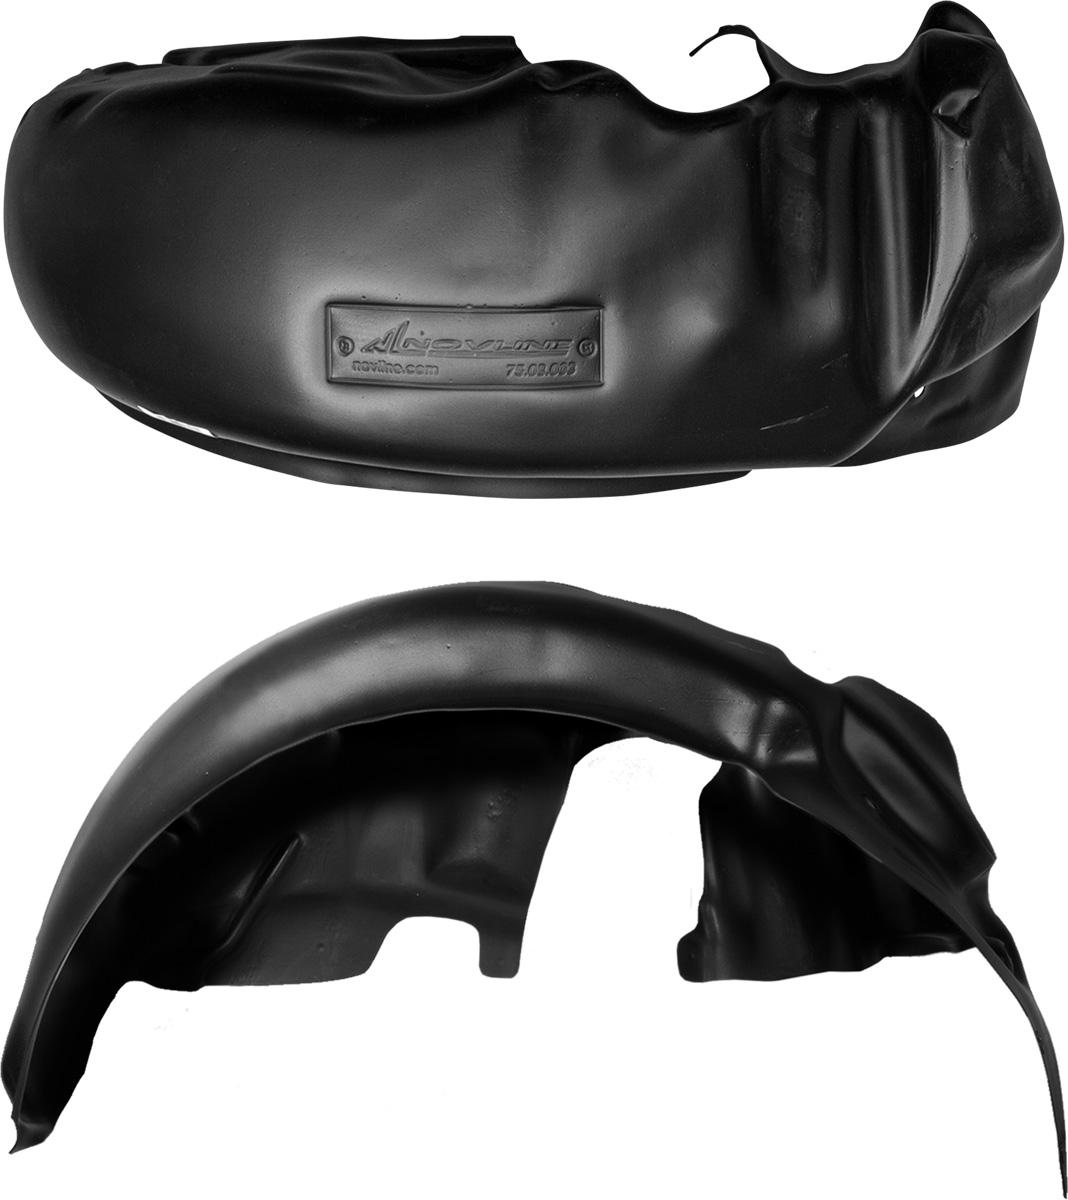 Подкрылок HYUNDAI Solaris, 2010-2014, седан, хэтчбек, передний левыйNLL.20.41.001Колесные ниши – одни из самых уязвимых зон днища вашего автомобиля. Они постоянно подвергаются воздействию со стороны дороги. Лучшая, почти абсолютная защита для них - специально отформованные пластиковые кожухи, которые называются подкрылками, или локерами. Производятся они как для отечественных моделей автомобилей, так и для иномарок. Подкрылки выполнены из высококачественного, экологически чистого пластика. Обеспечивают надежную защиту кузова автомобиля от пескоструйного эффекта и негативного влияния, агрессивных антигололедных реагентов. Пластик обладает более низкой теплопроводностью, чем металл, поэтому в зимний период эксплуатации использование пластиковых подкрылков позволяет лучше защитить колесные ниши от налипания снега и образования наледи. Оригинальность конструкции подчеркивает элегантность автомобиля, бережно защищает нанесенное на днище кузова антикоррозийное покрытие и позволяет осуществить крепление подкрылков внутри колесной арки практически без дополнительного...